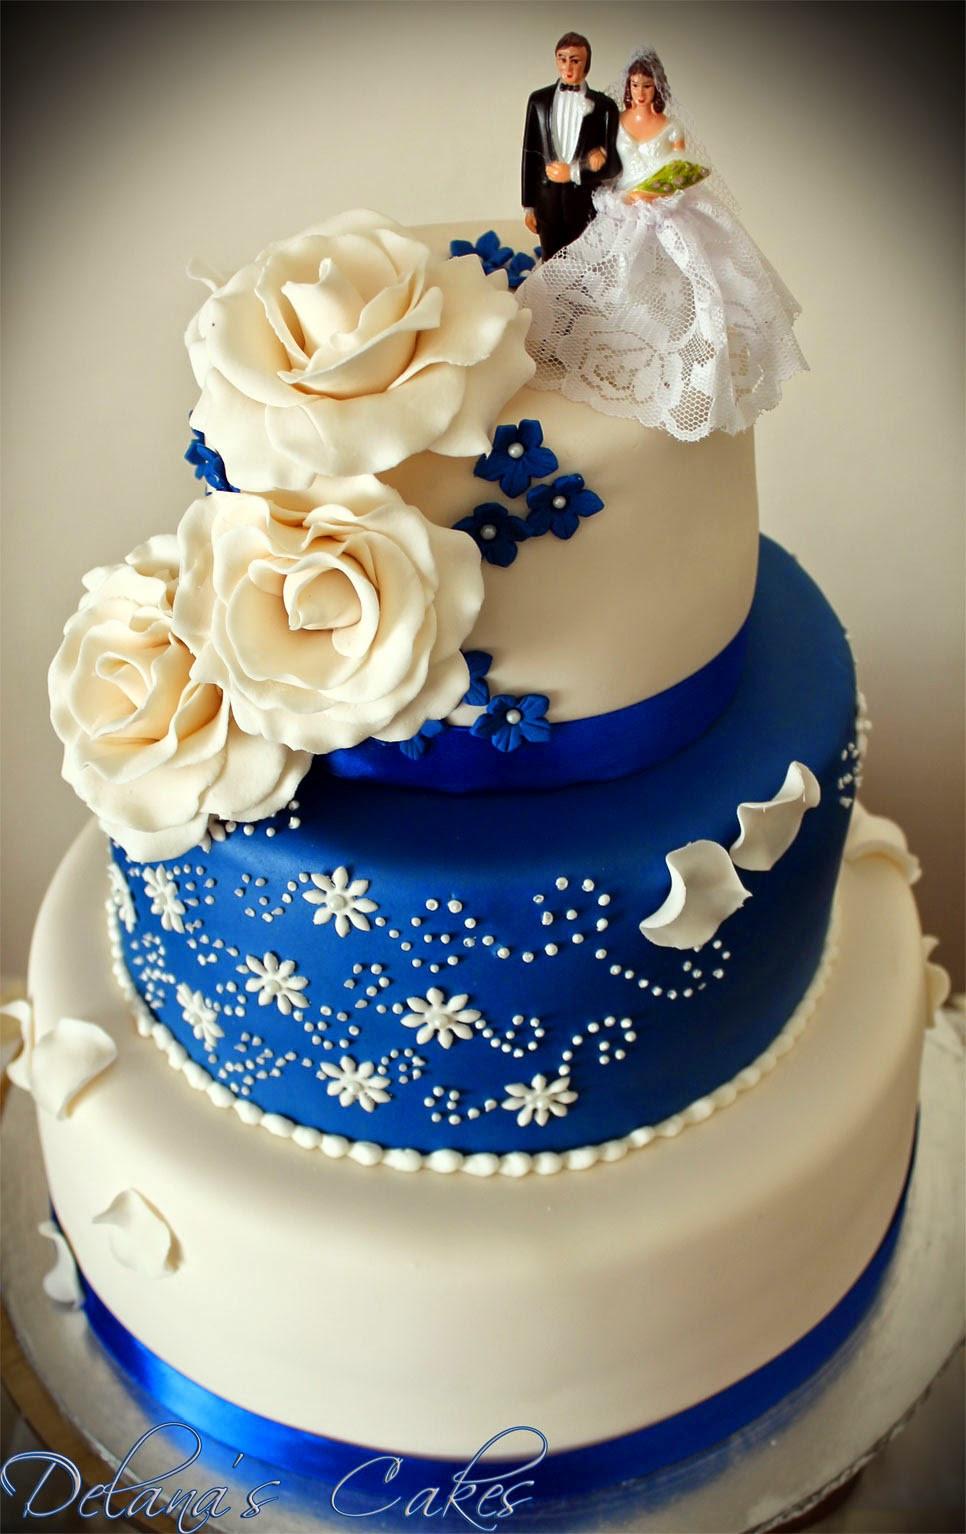 Wedding Cakes Royal Blue  Delana s Cakes Royal Blue and White Wedding Cake